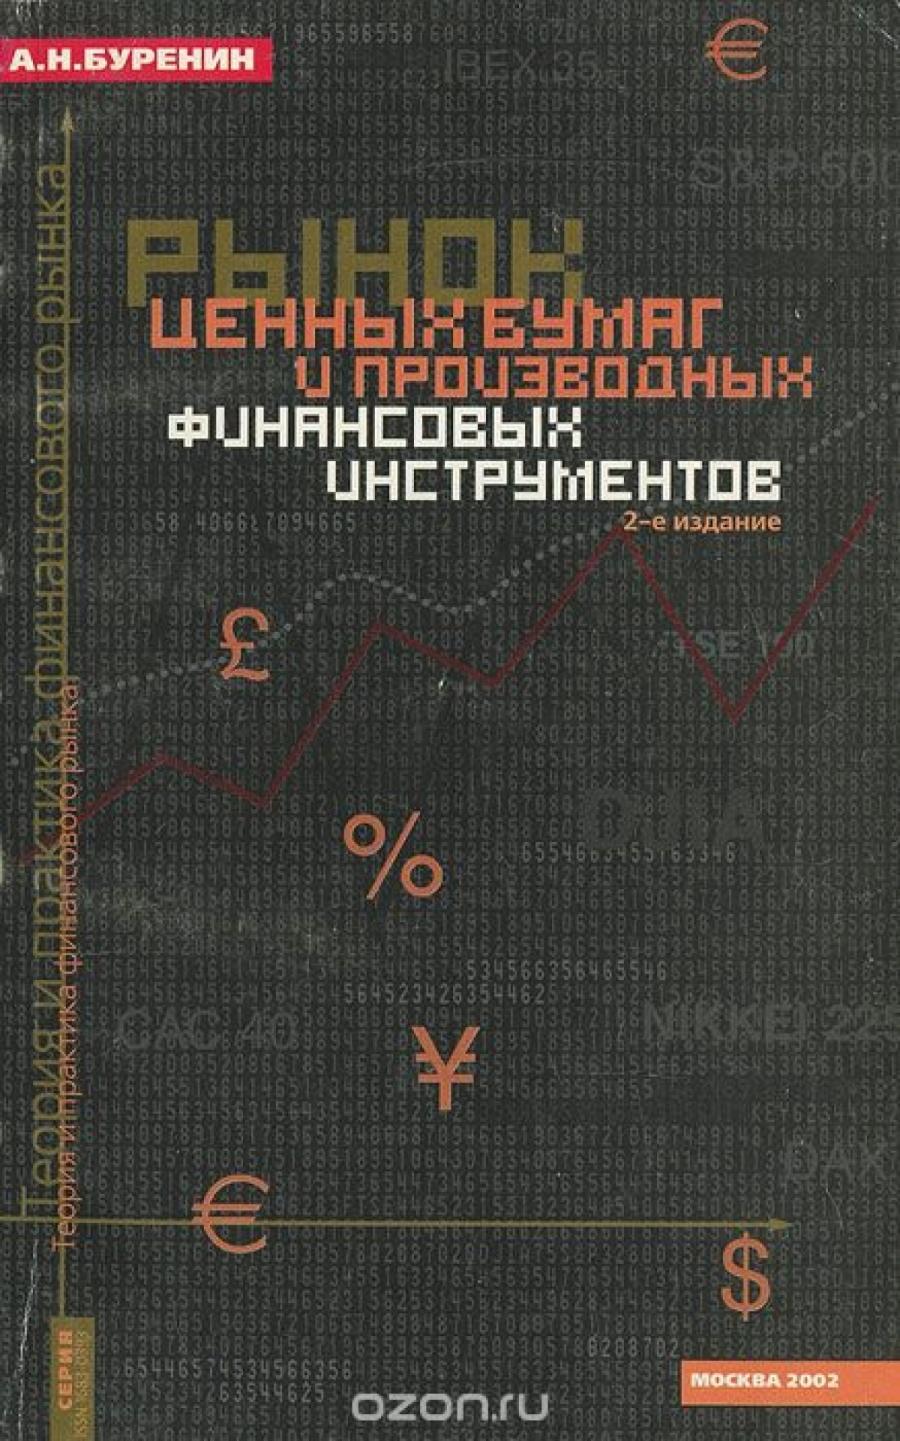 Обложка книги:  буренин а.н. - рынок ценных бумаг и производных финансовых инструментов